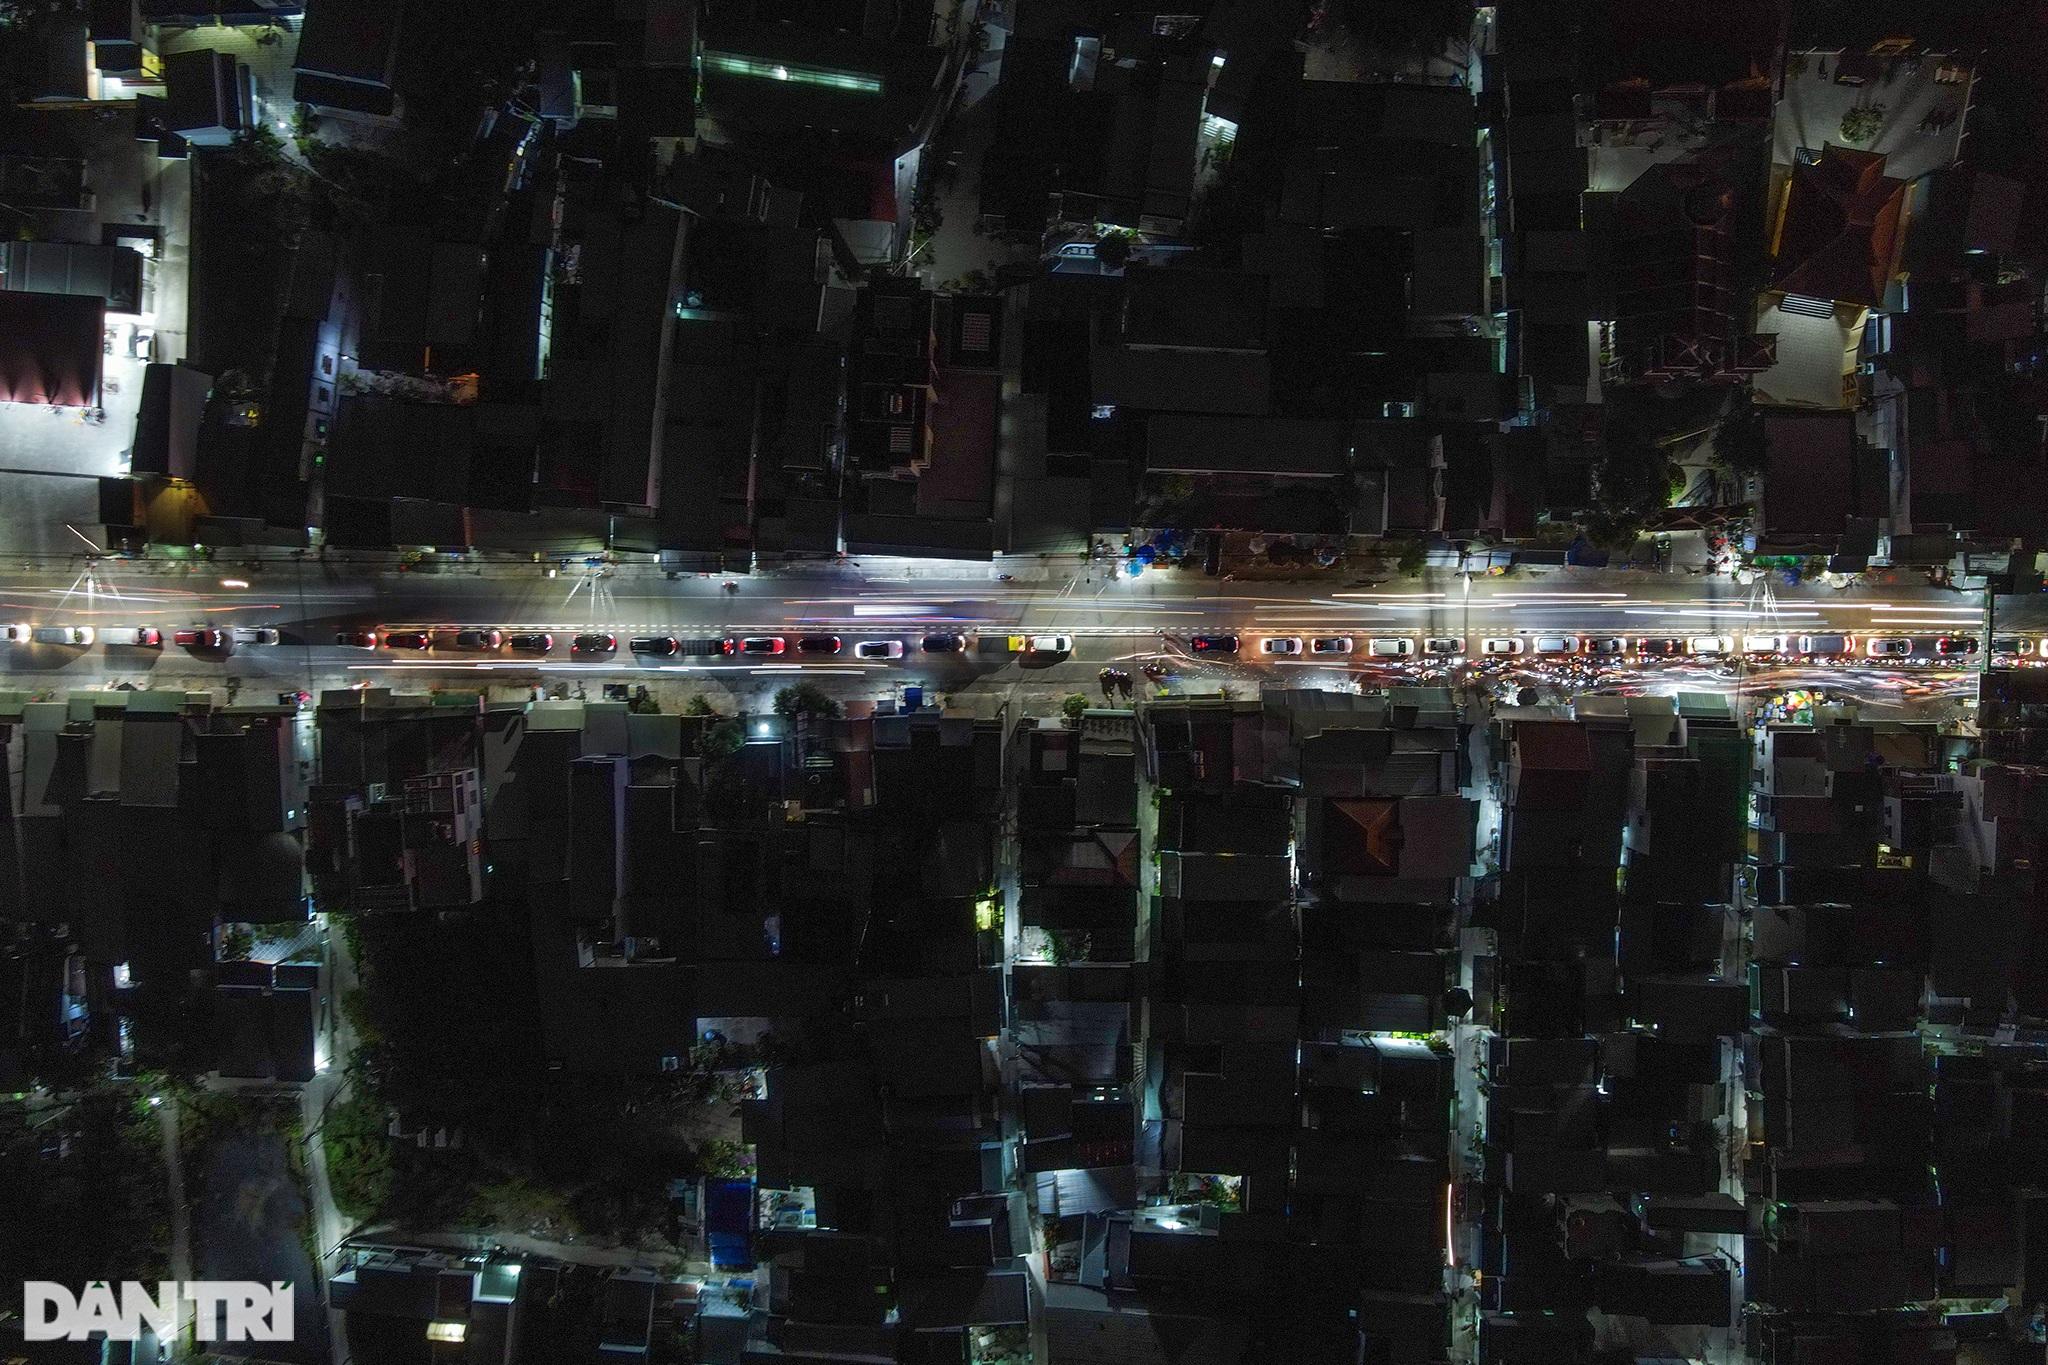 Người dân trở lại Sài Gòn sớm, giao thông cửa ngõ ùn tắc, hỗn loạn - 4